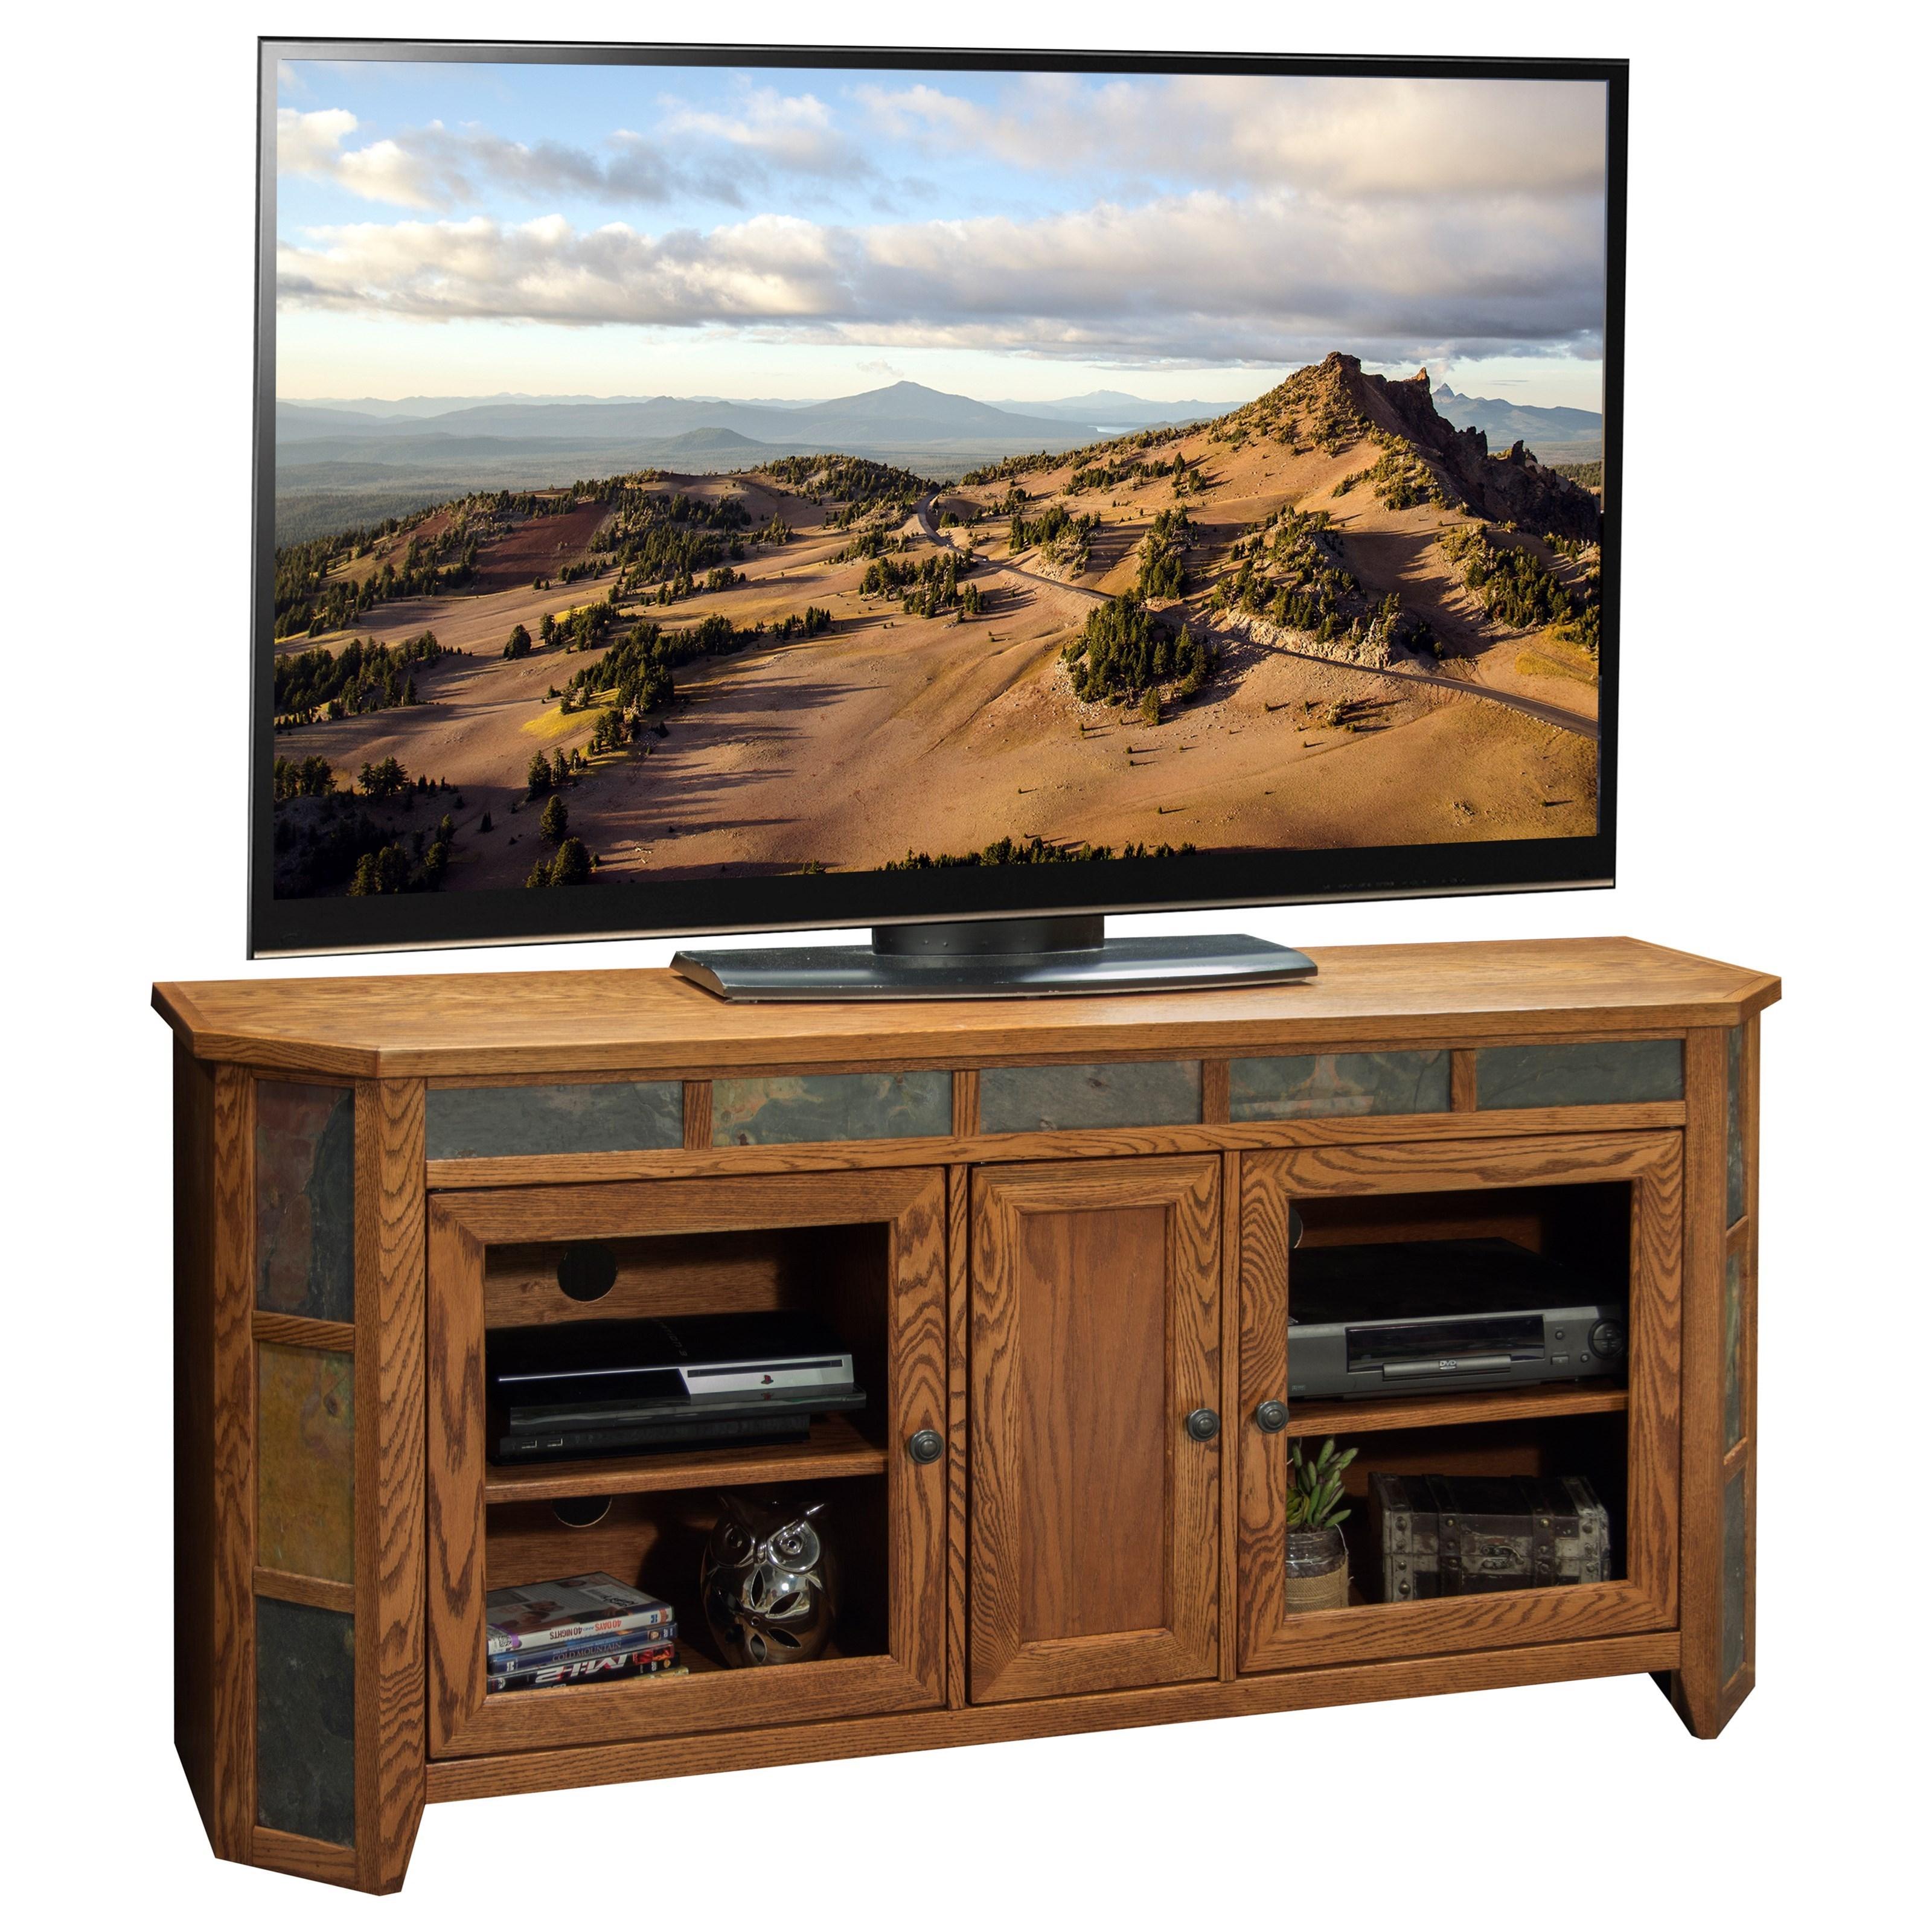 """Oak Creek 62"""" Angled TV Cart by Legends Furniture at Miller Home"""